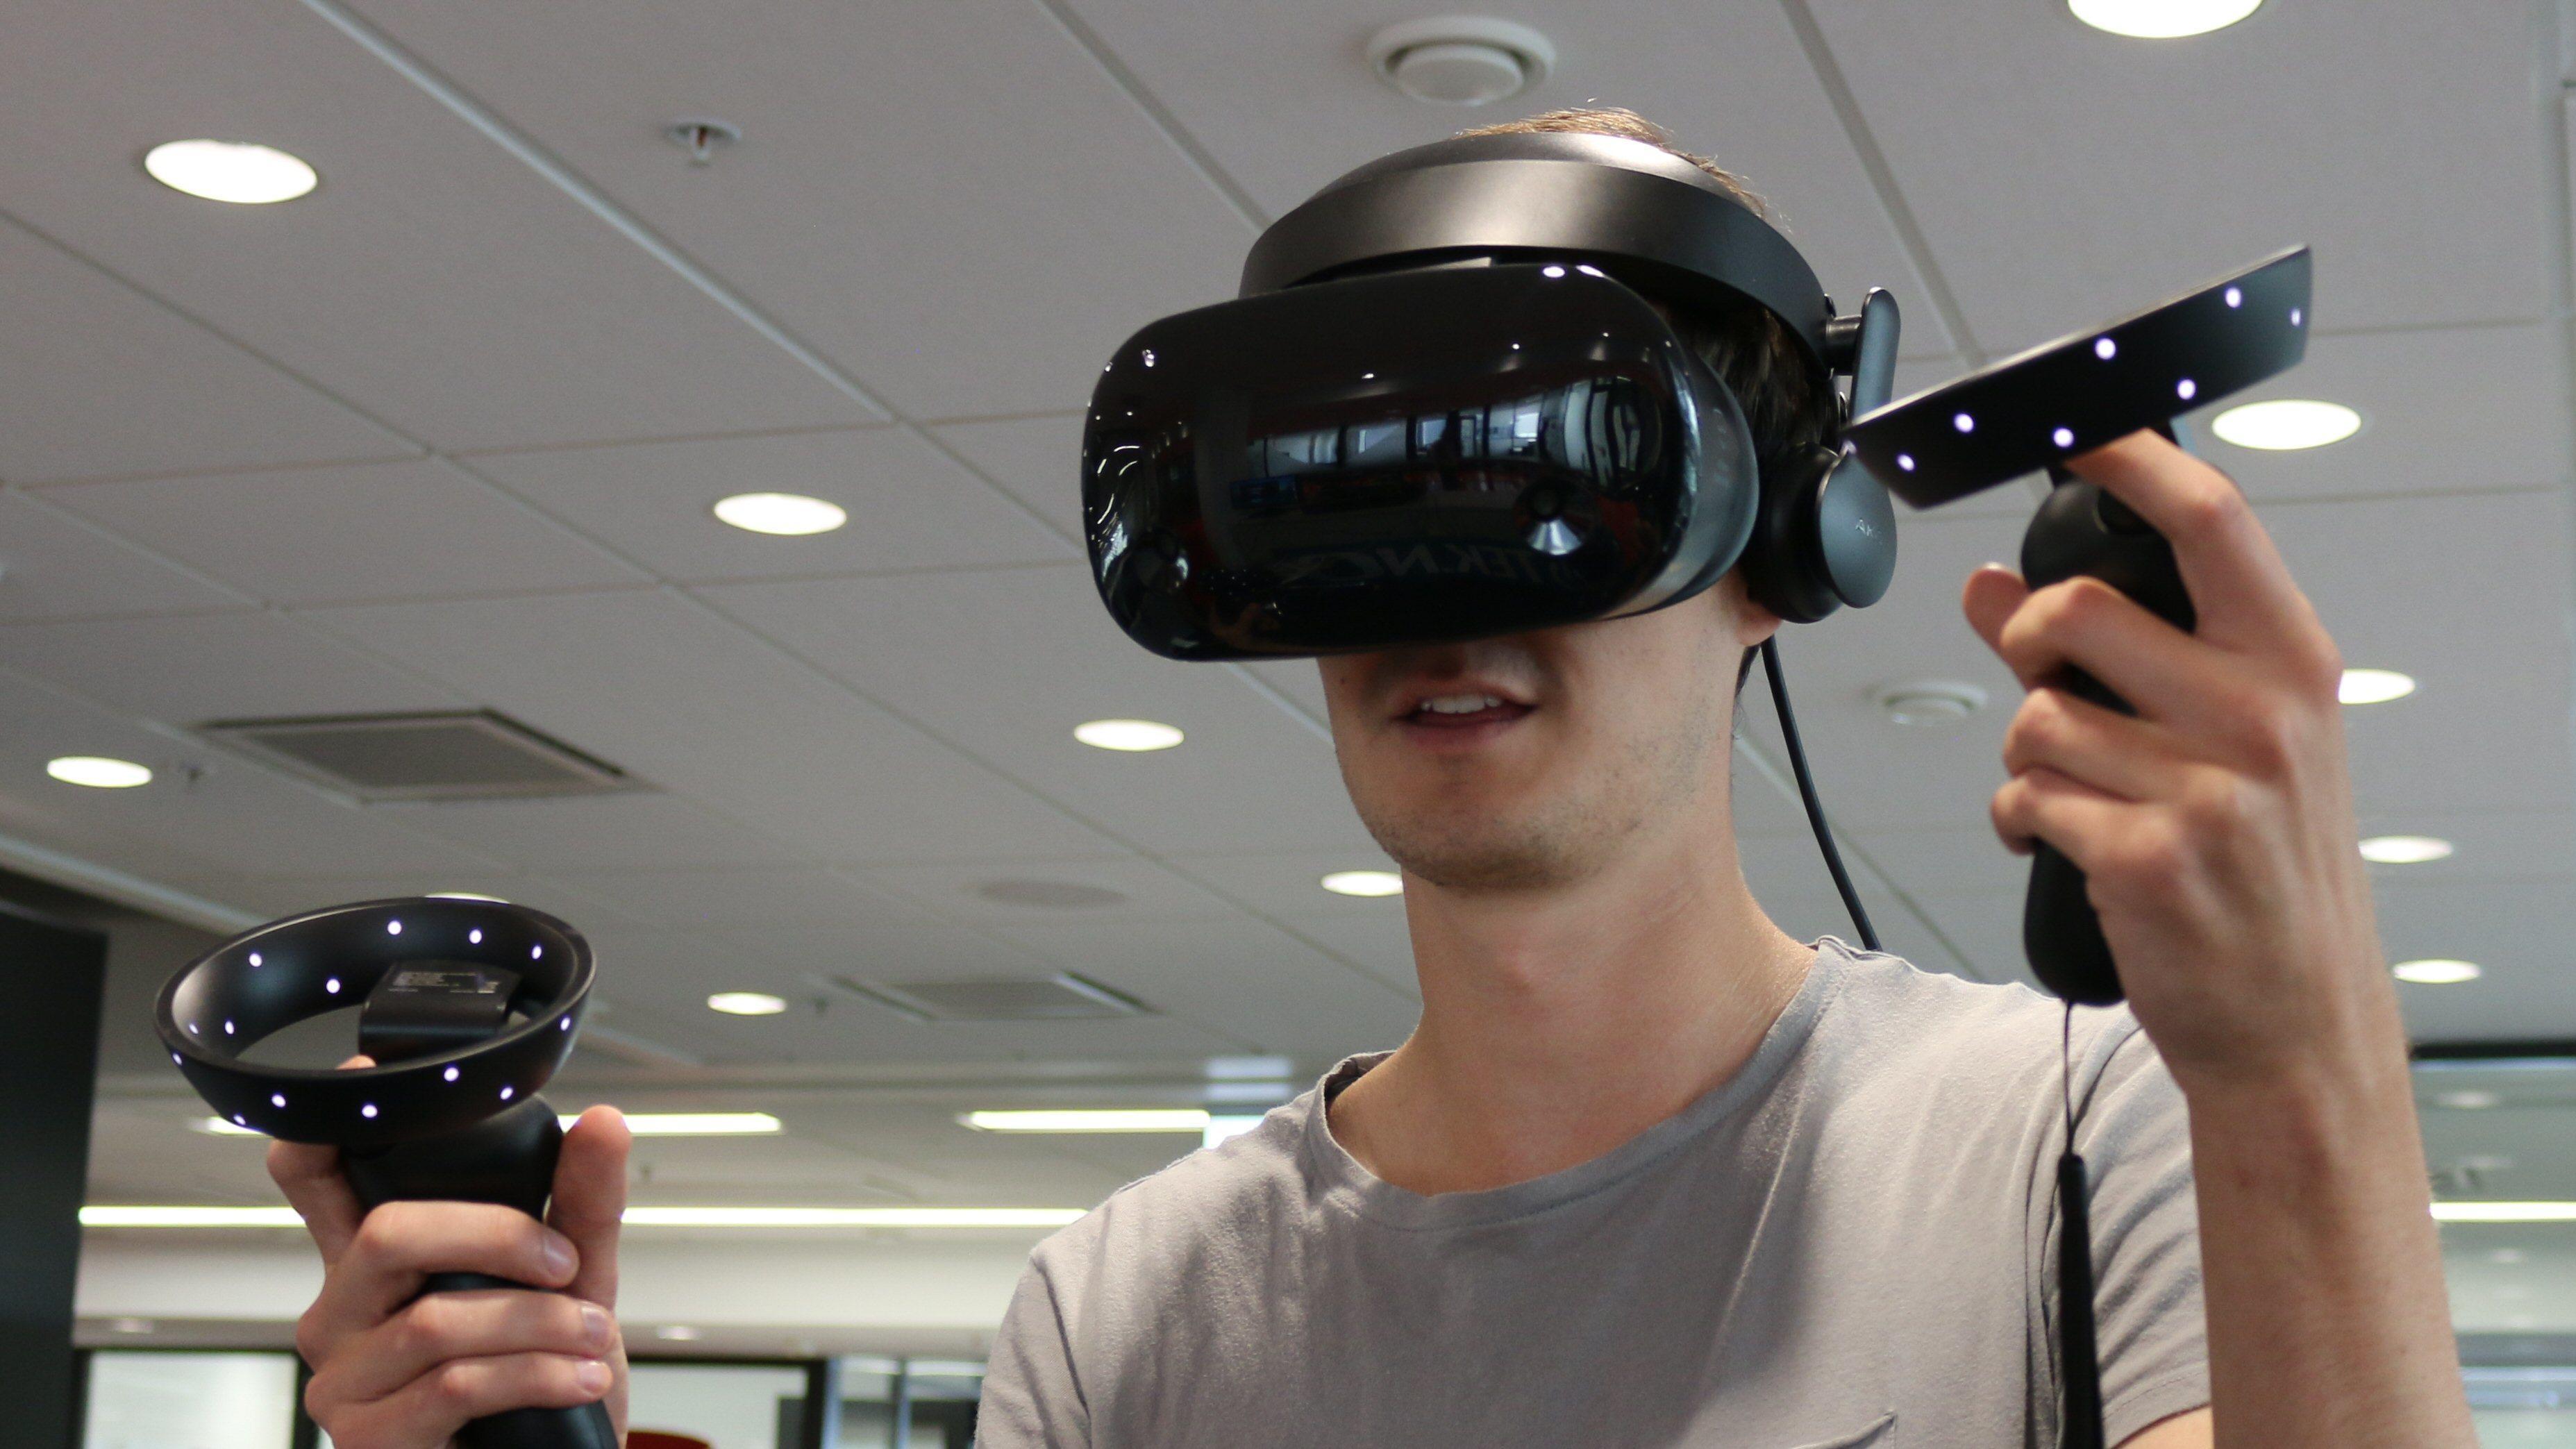 Mer og bedre VR? Ja takk sier vi.